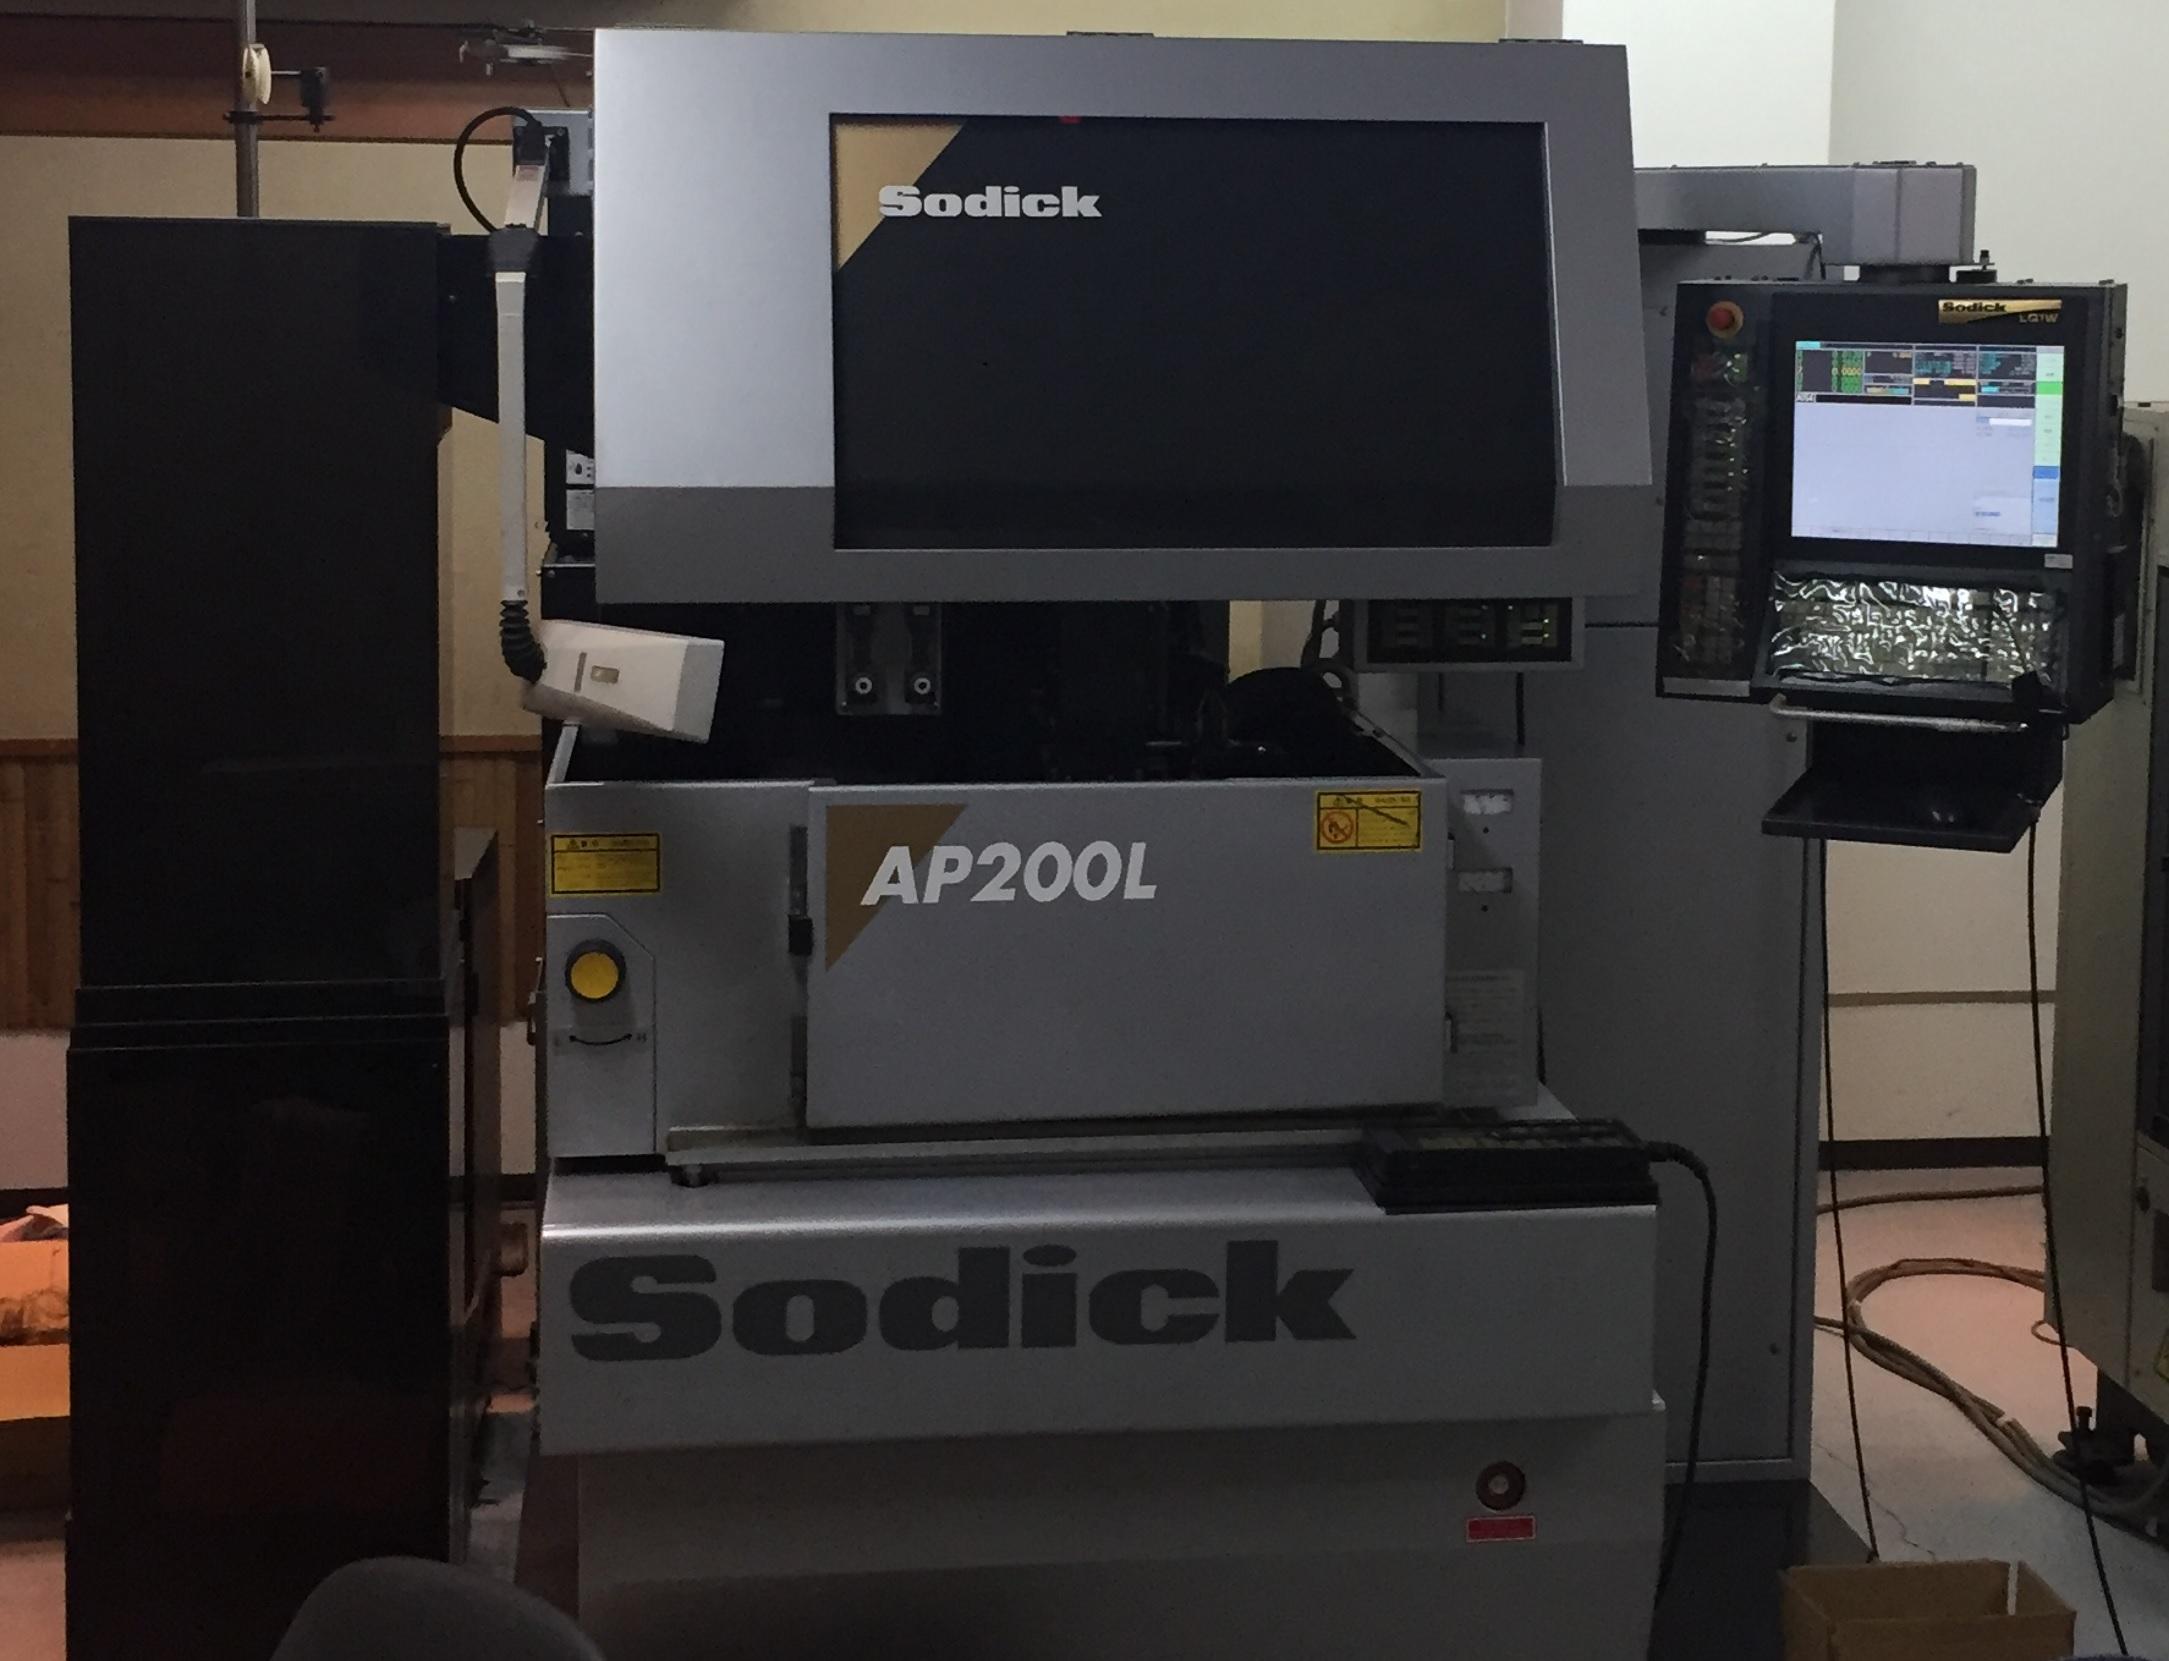 放電加工機【2710046】ソディック製放電加工機AP200L 2007年